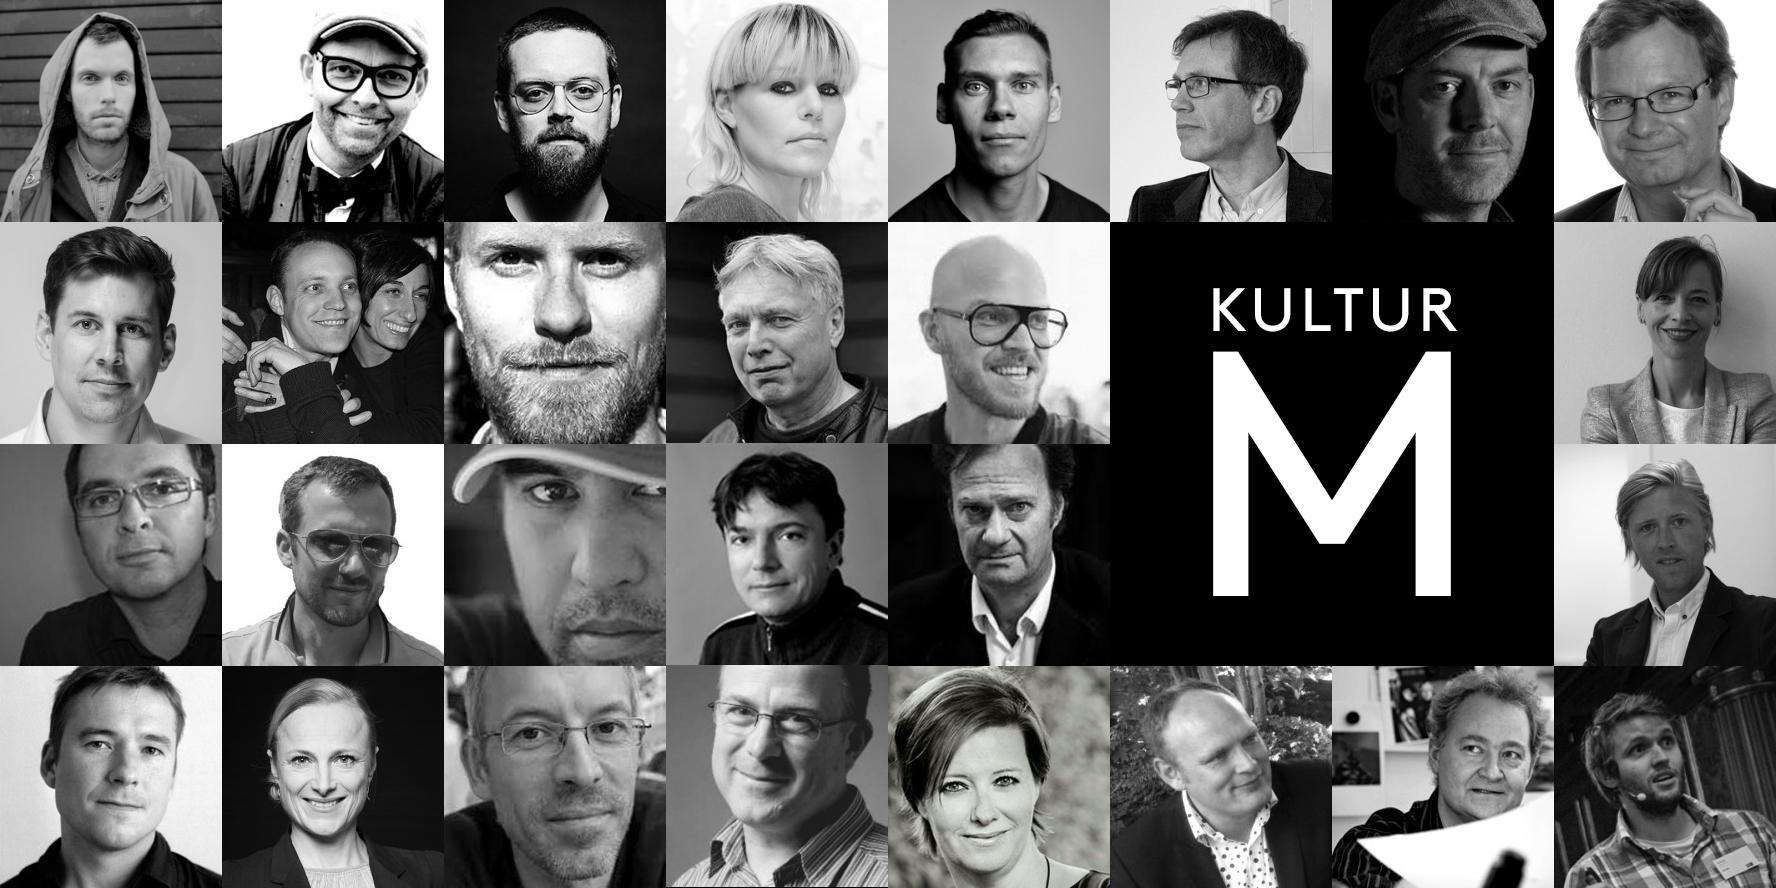 KulturM: Digitalisering og nytænkning af kulturel produktion på agendaen